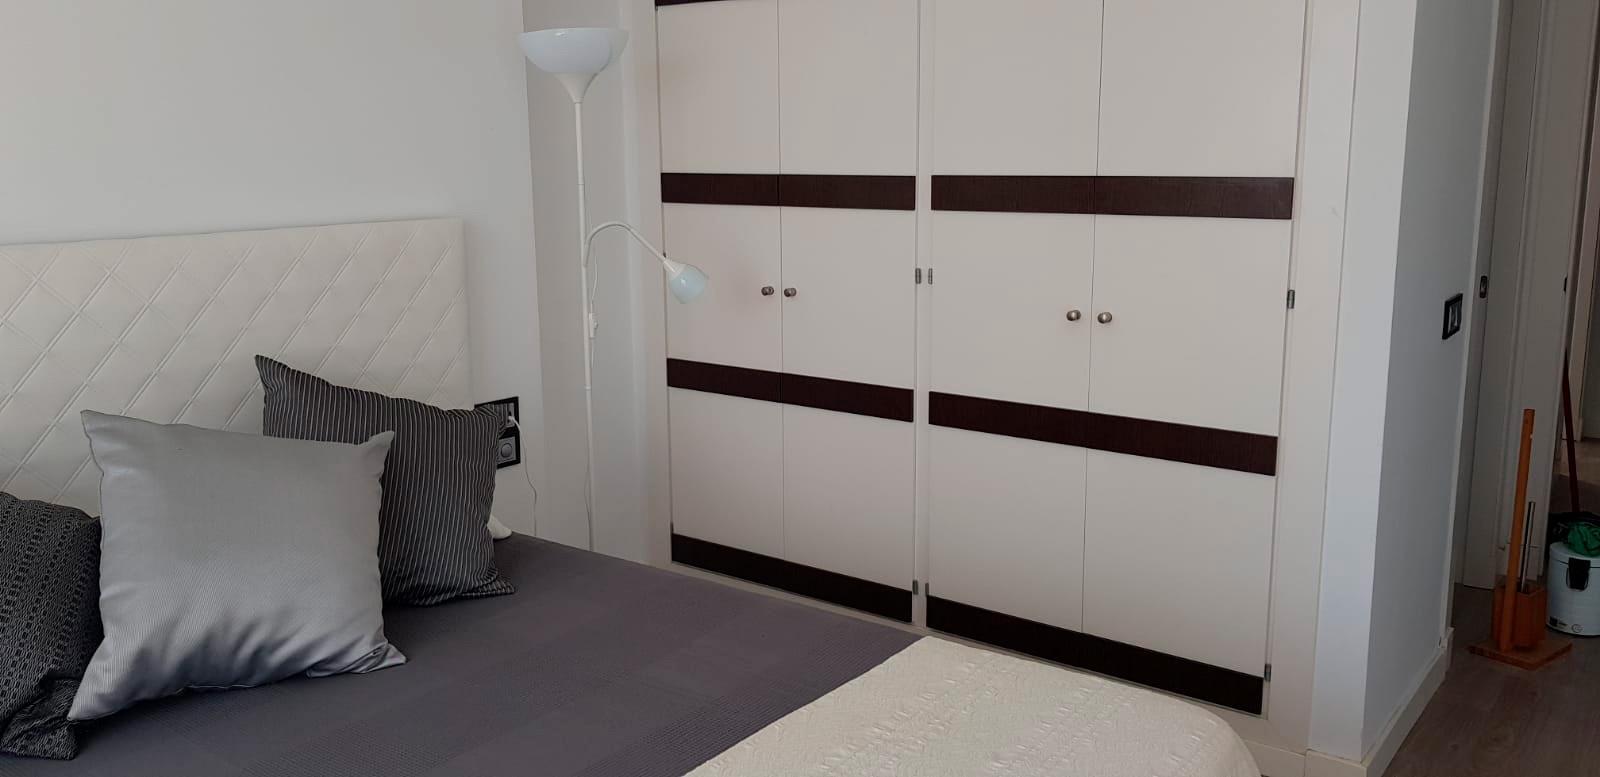 Armario en el dormitorio